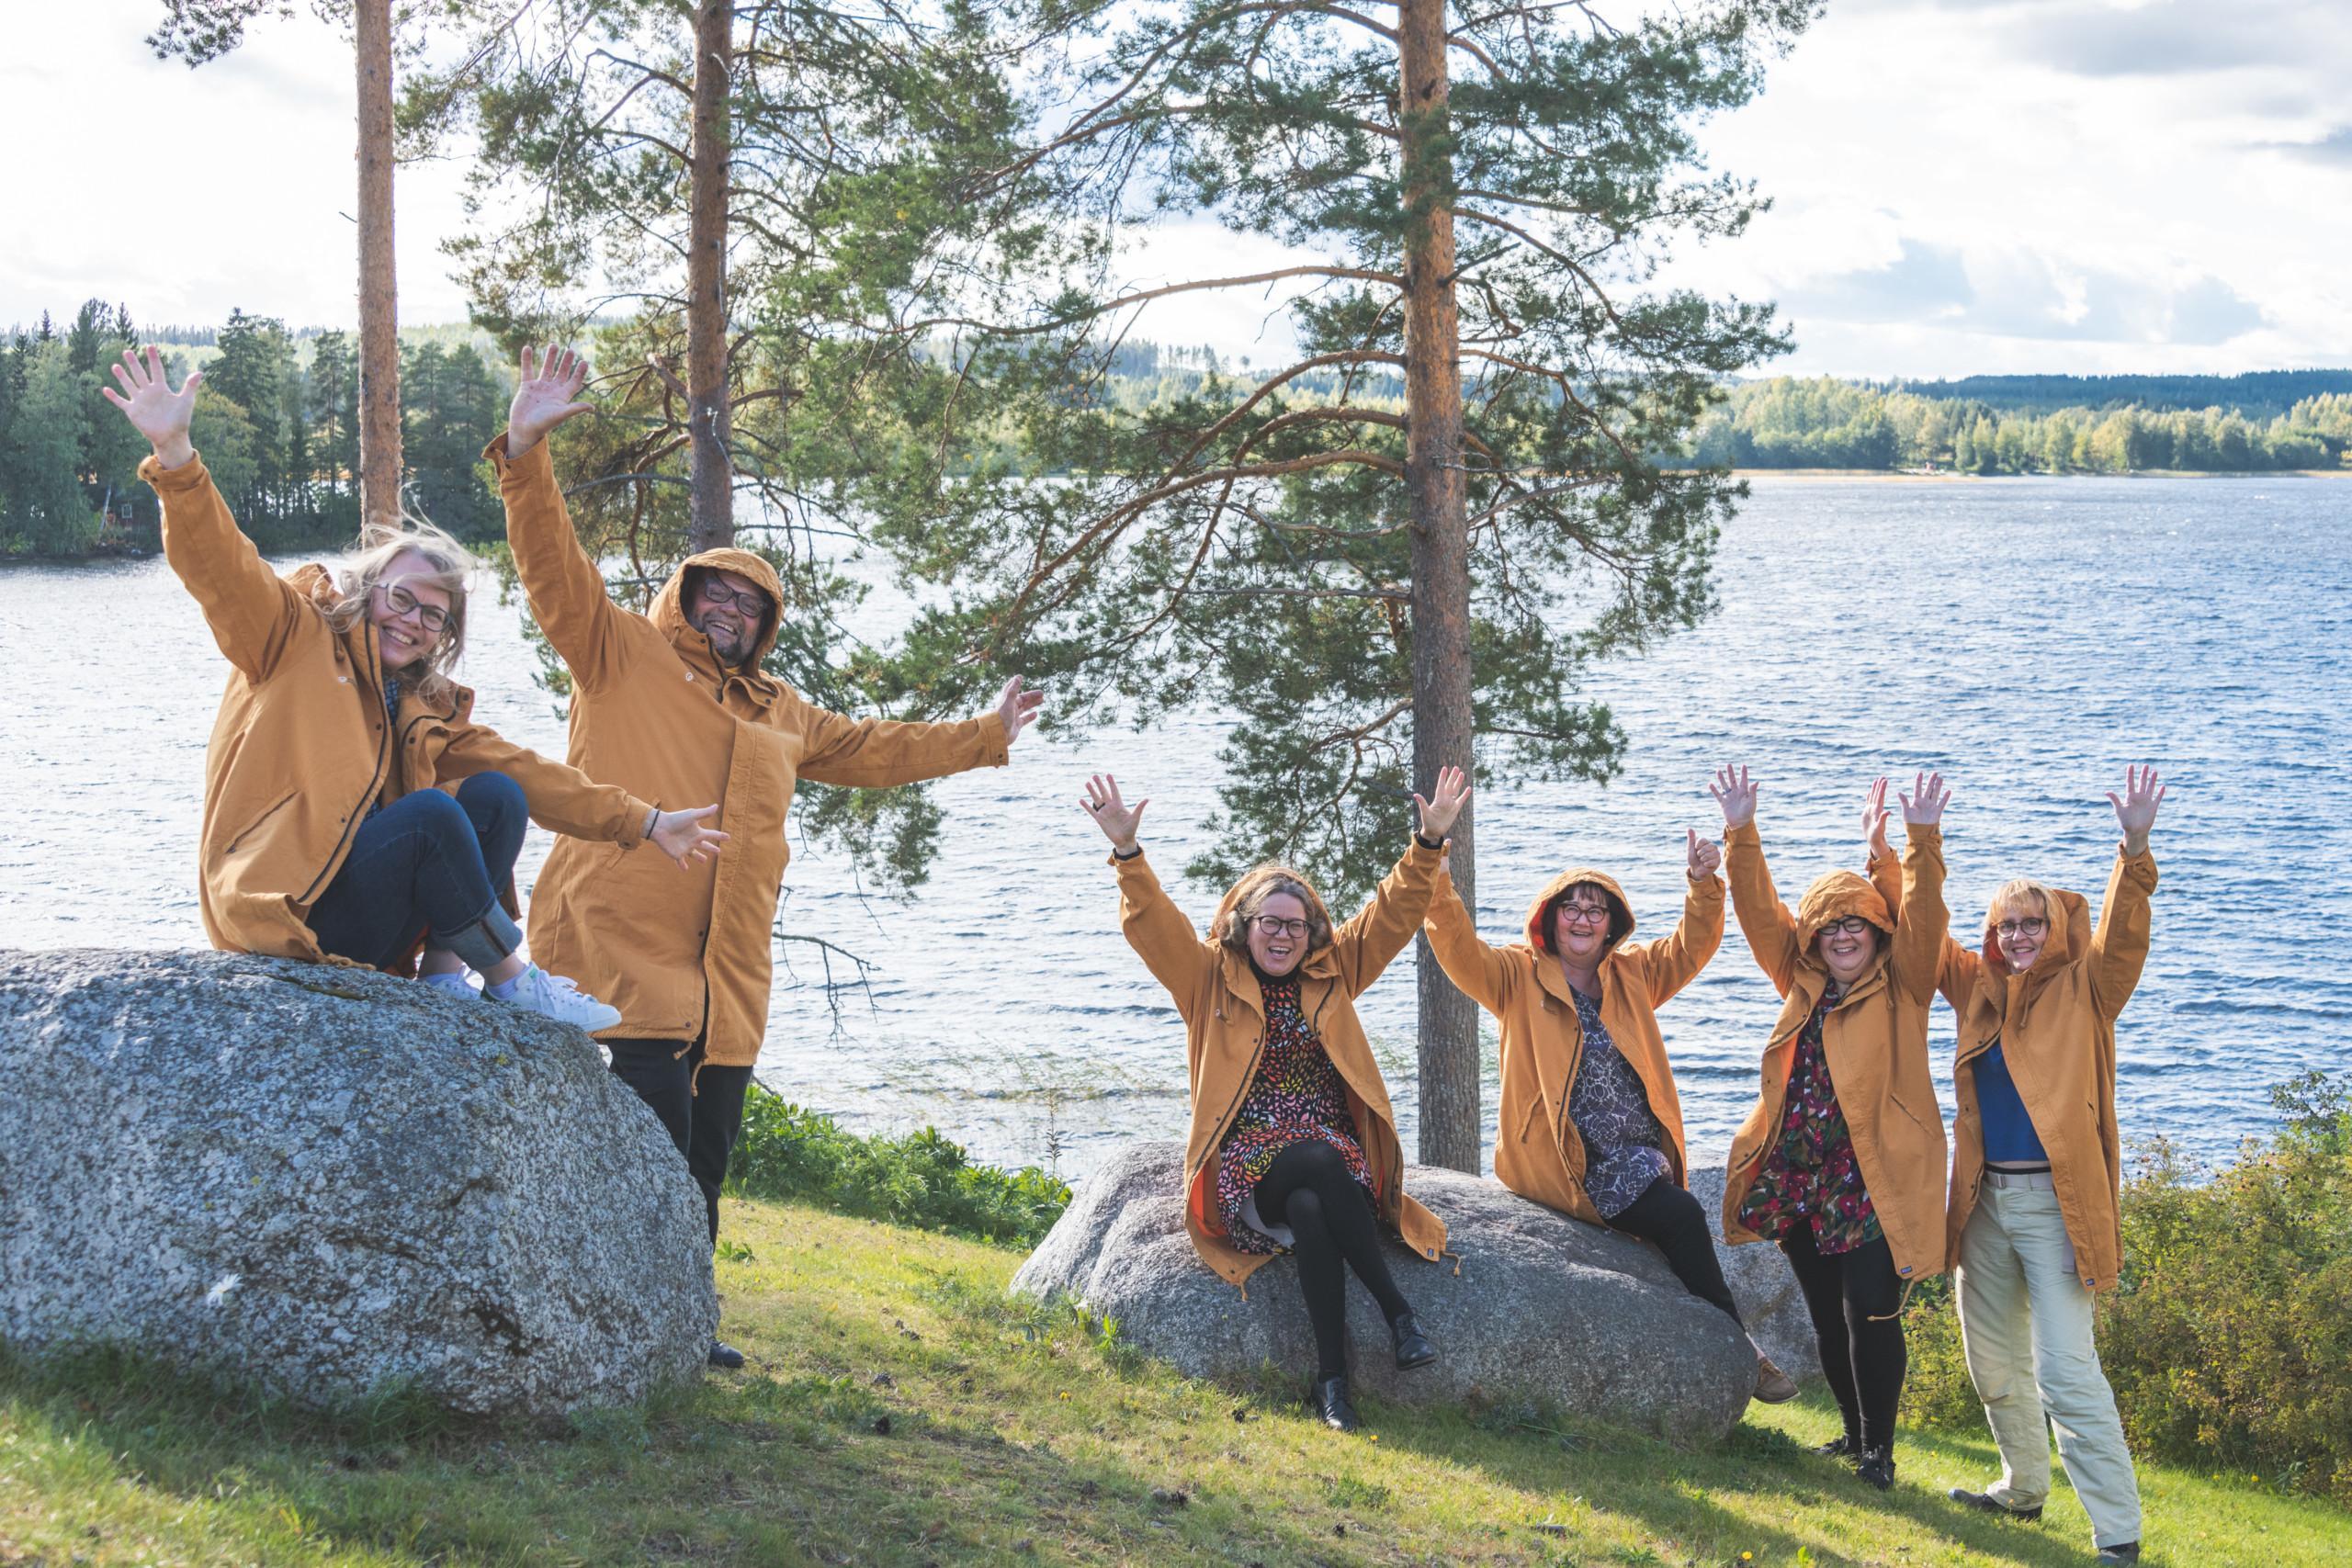 Ihmiset keltaisissa takeissaan kädet ylhäällä rantamaisemissa